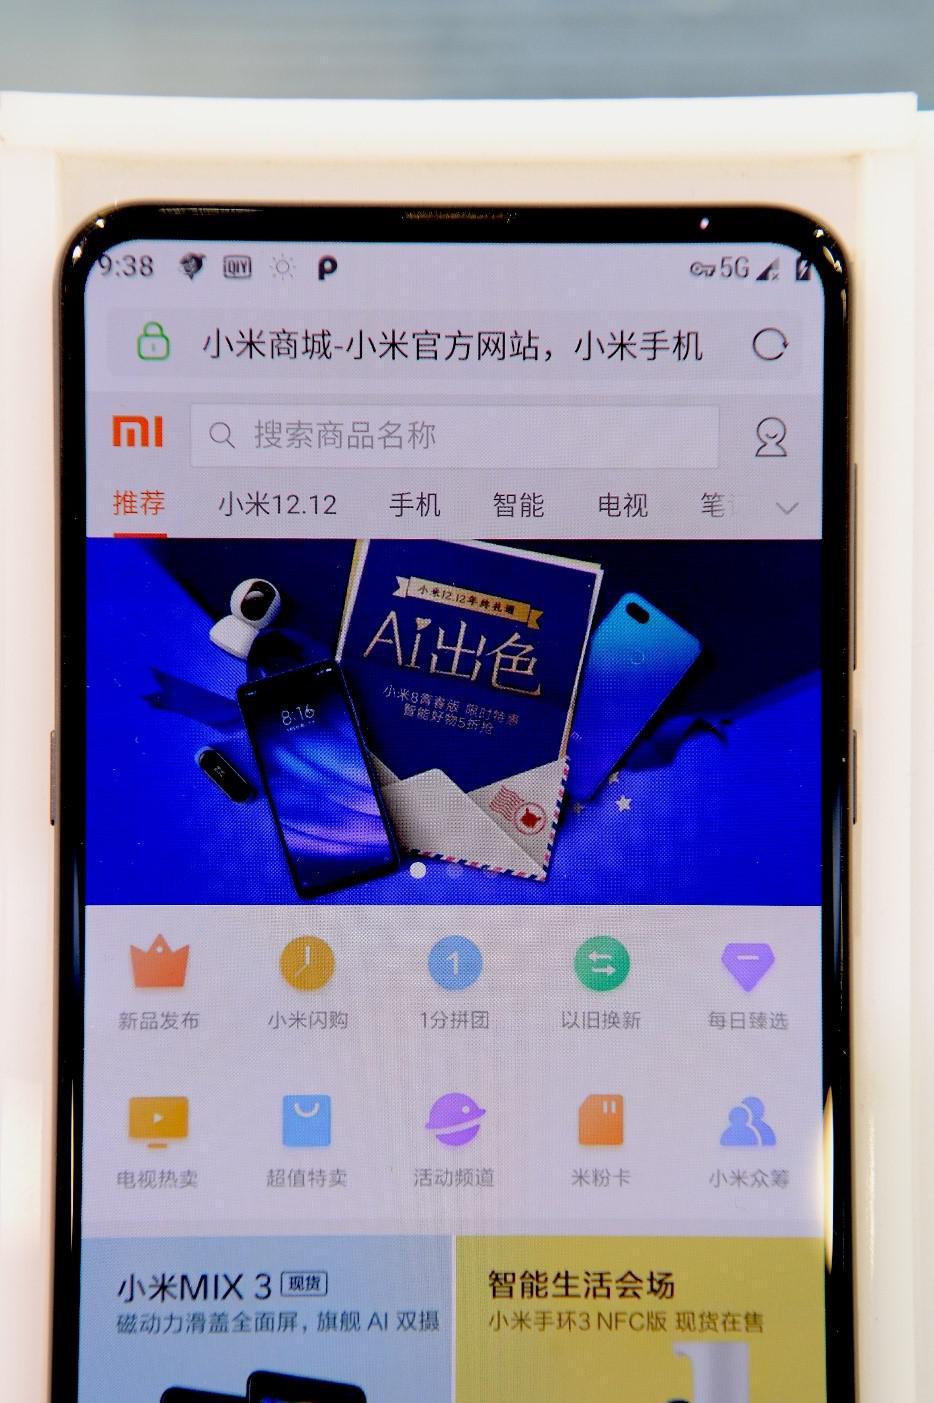 小米首次展示5G版MIX 3:首发骁龙855,下载可达2Gbps